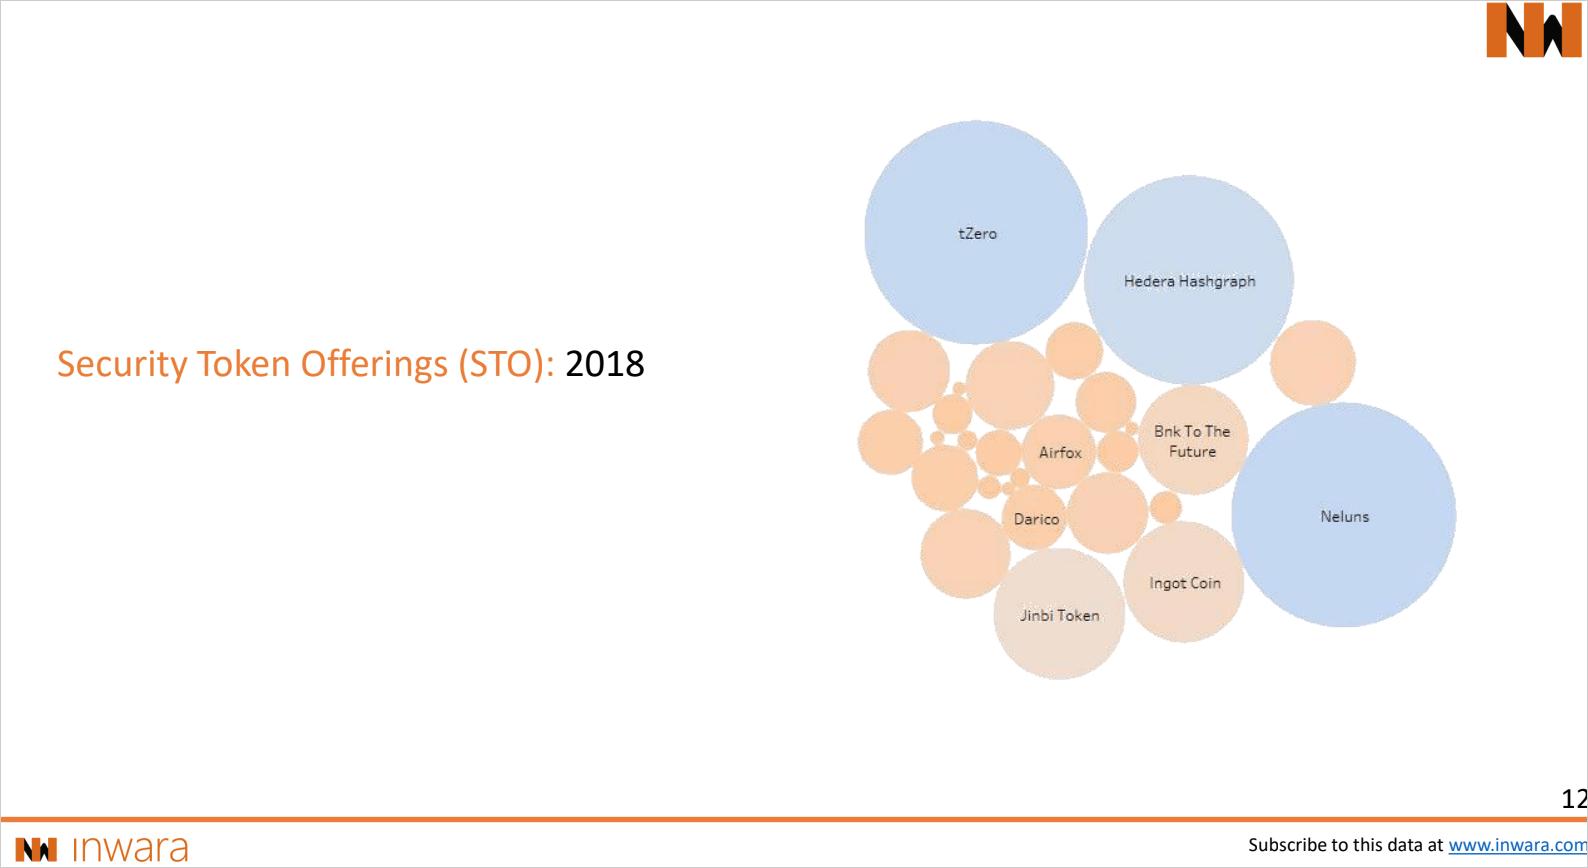 2018年にブロックチェーンプロジェクト・ICO・STOへの投資を統計した詳細なレポートが発表